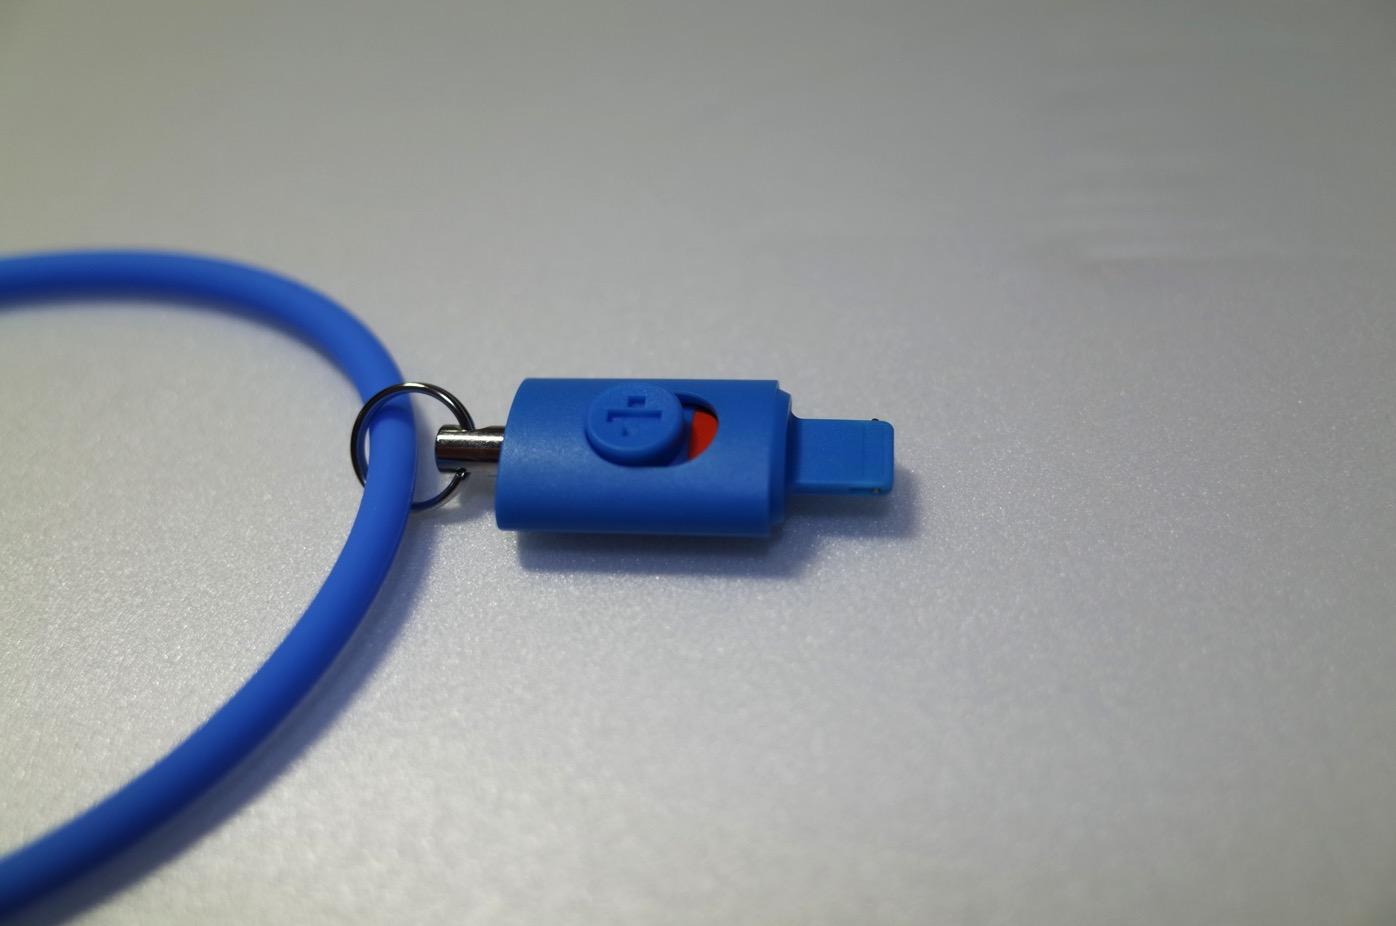 Lightningコネクター用のネックストラップ-8